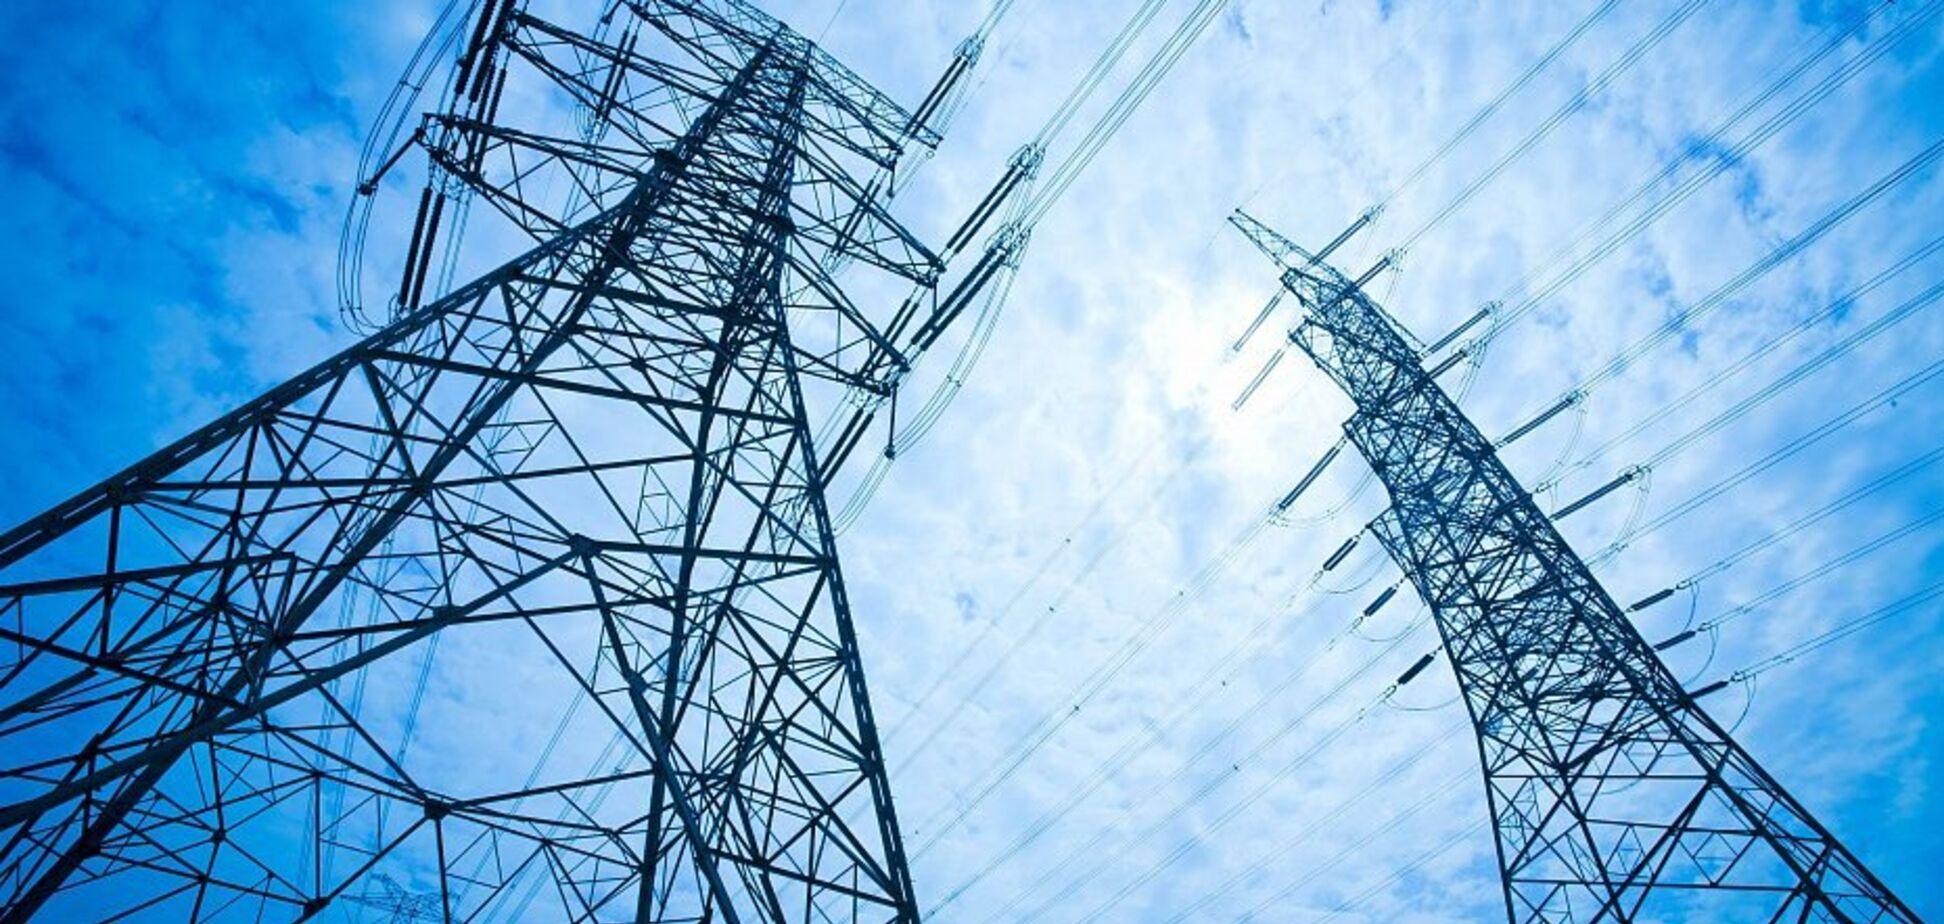 Новий ринок електроенергії потрібно вводити якомога швидше - USAID